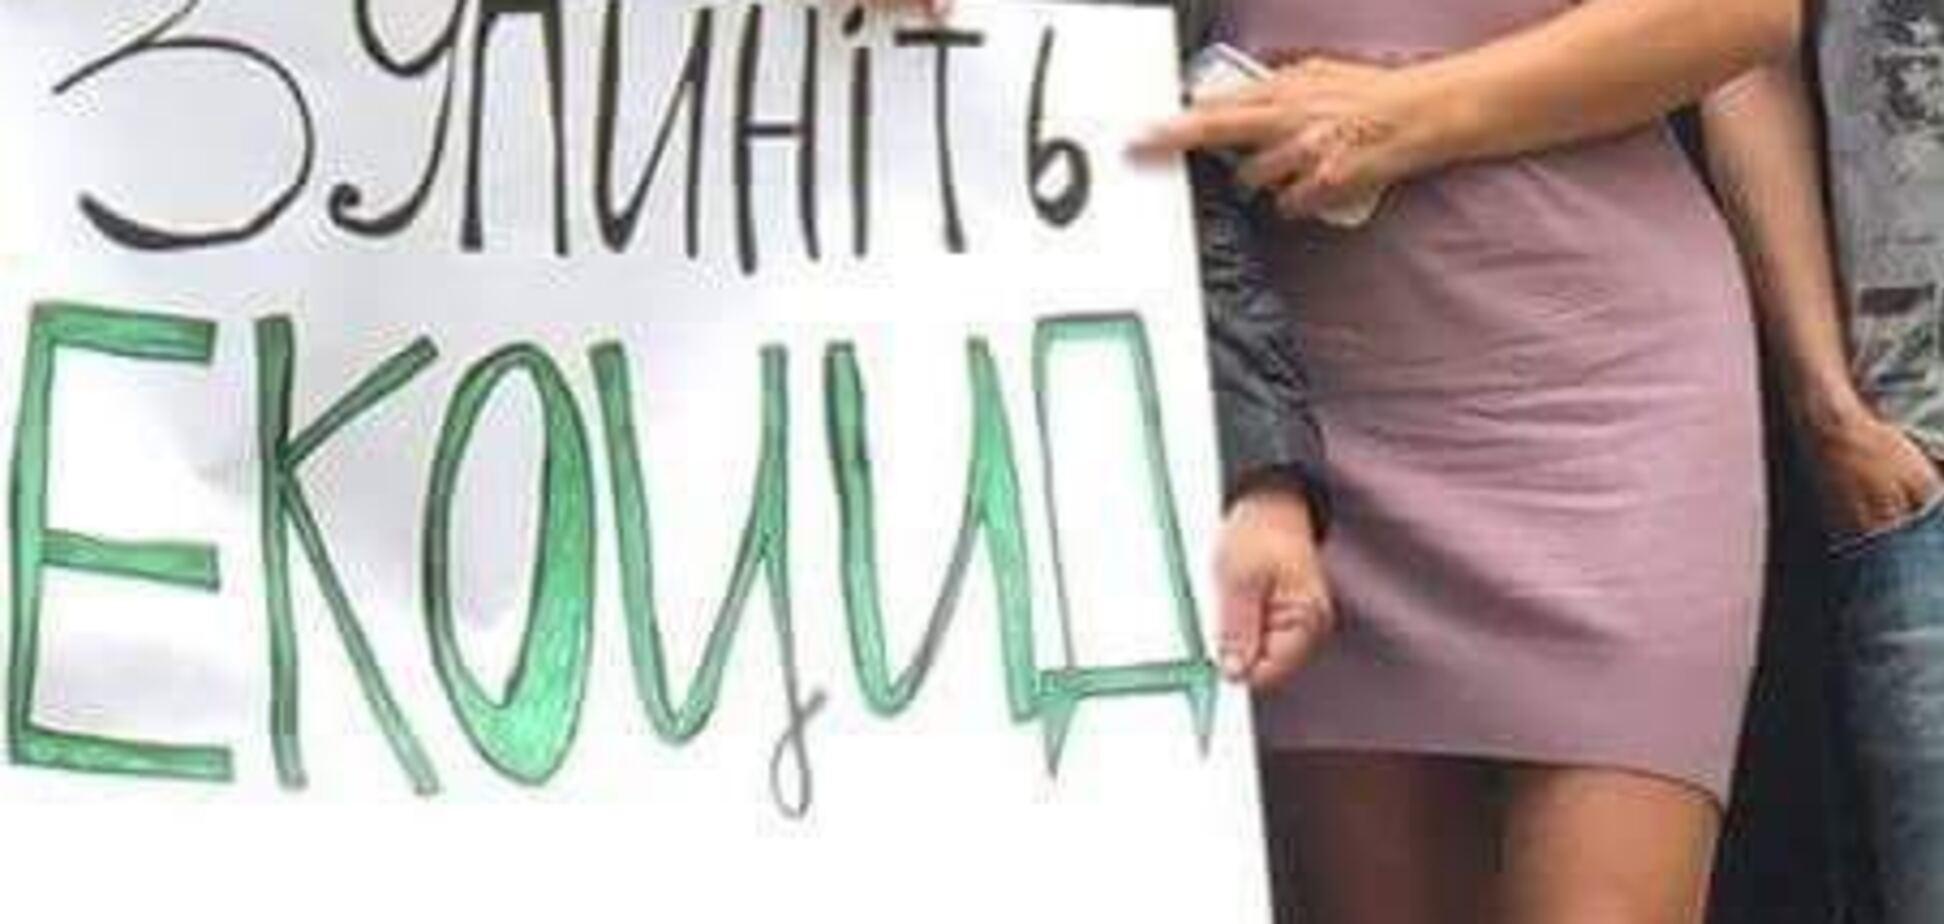 СМИ выяснили, кем оказались вымогатели с застройщиков и задержанные псевдоактивисты из ГО 'Борщаговская сич'